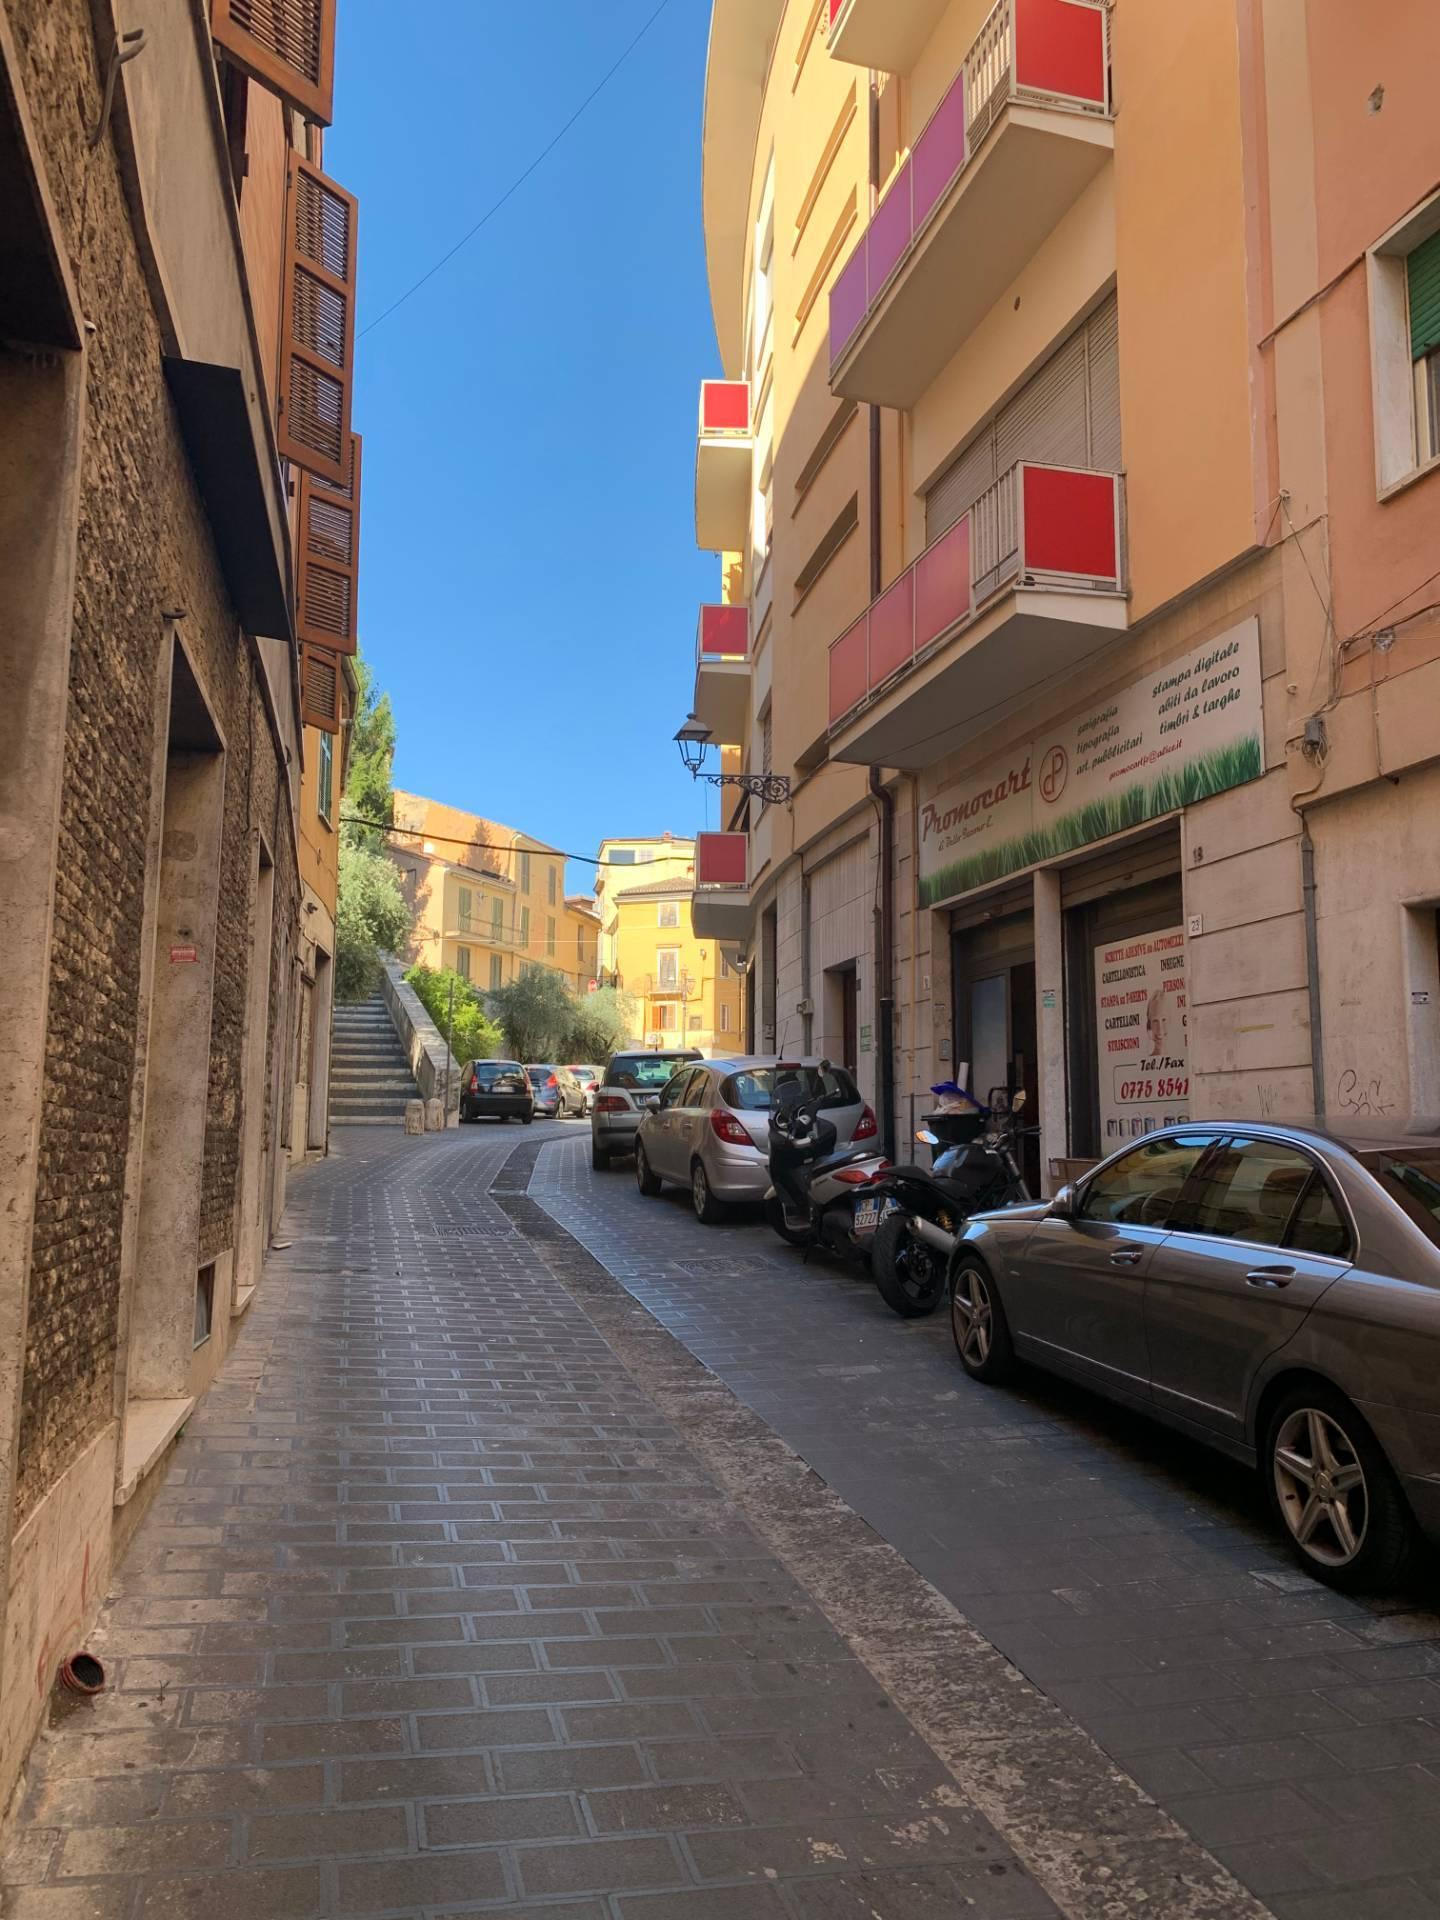 Appartamento in vendita a Frosinone, 4 locali, zona ro, prezzo € 85.000 | PortaleAgenzieImmobiliari.it